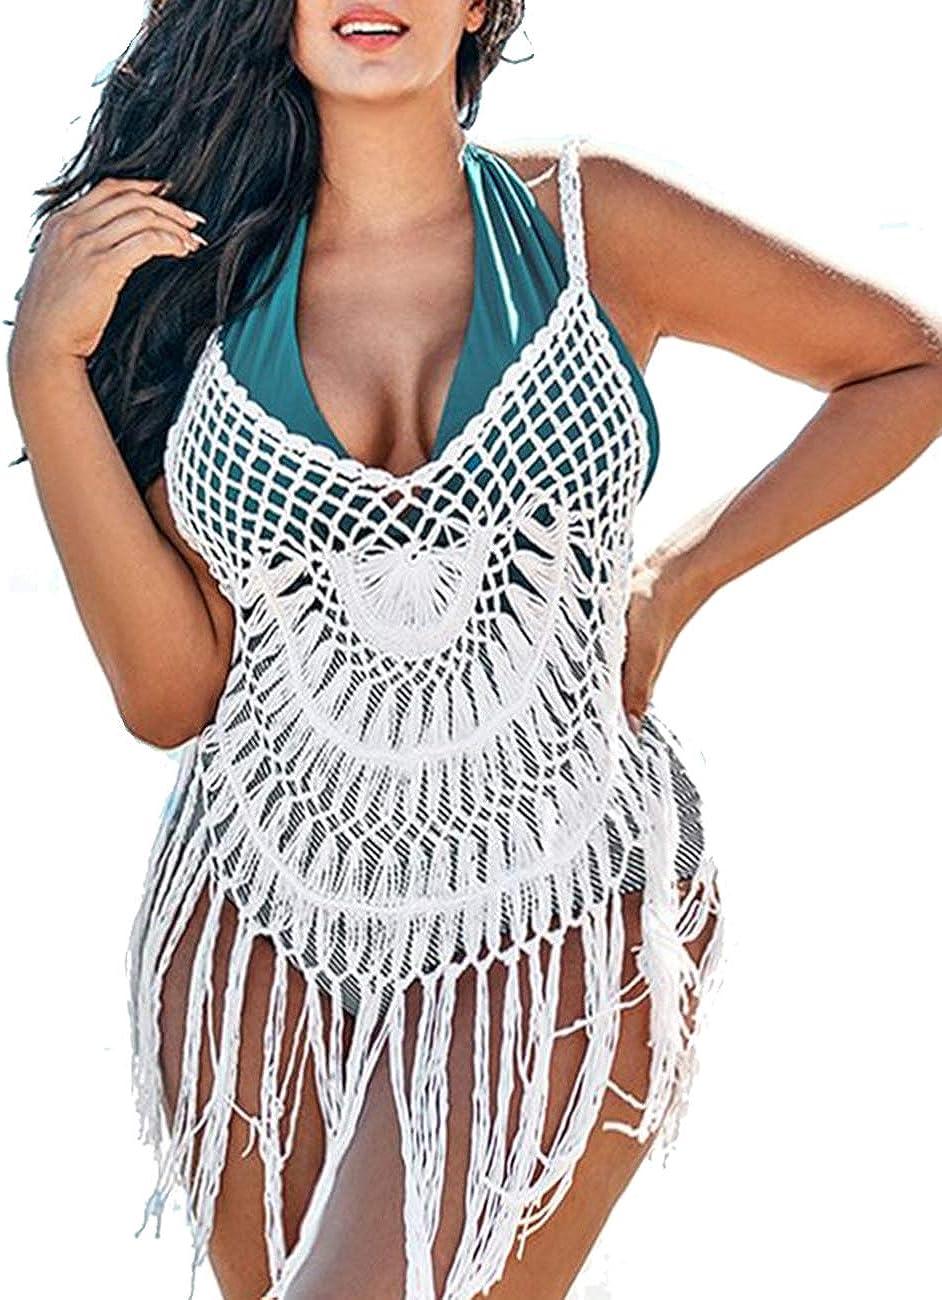 Ekouaer Women Crochet Cover Up Sexy Lace Bathing Suit Tassel Bikini Swimwear Summer Beach Dress